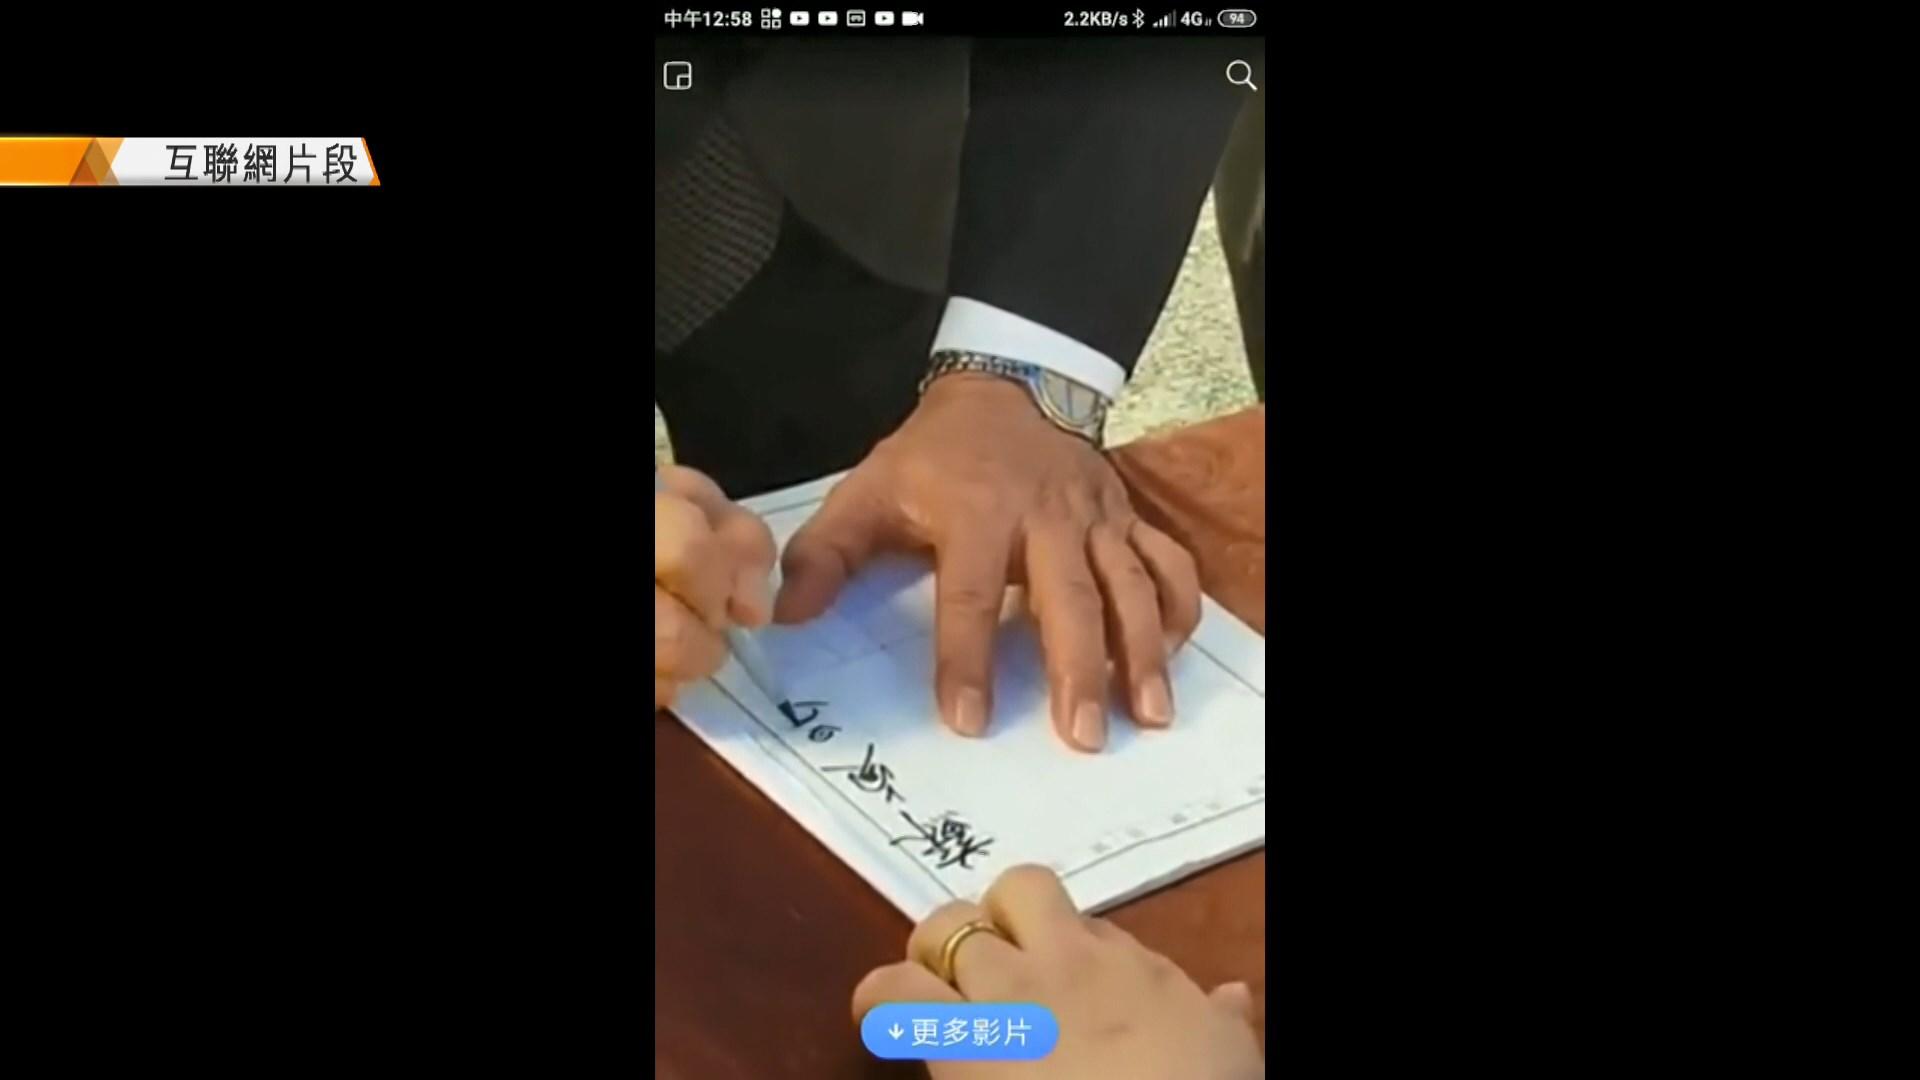 蘇貞昌摔筆片段造謠案偵破